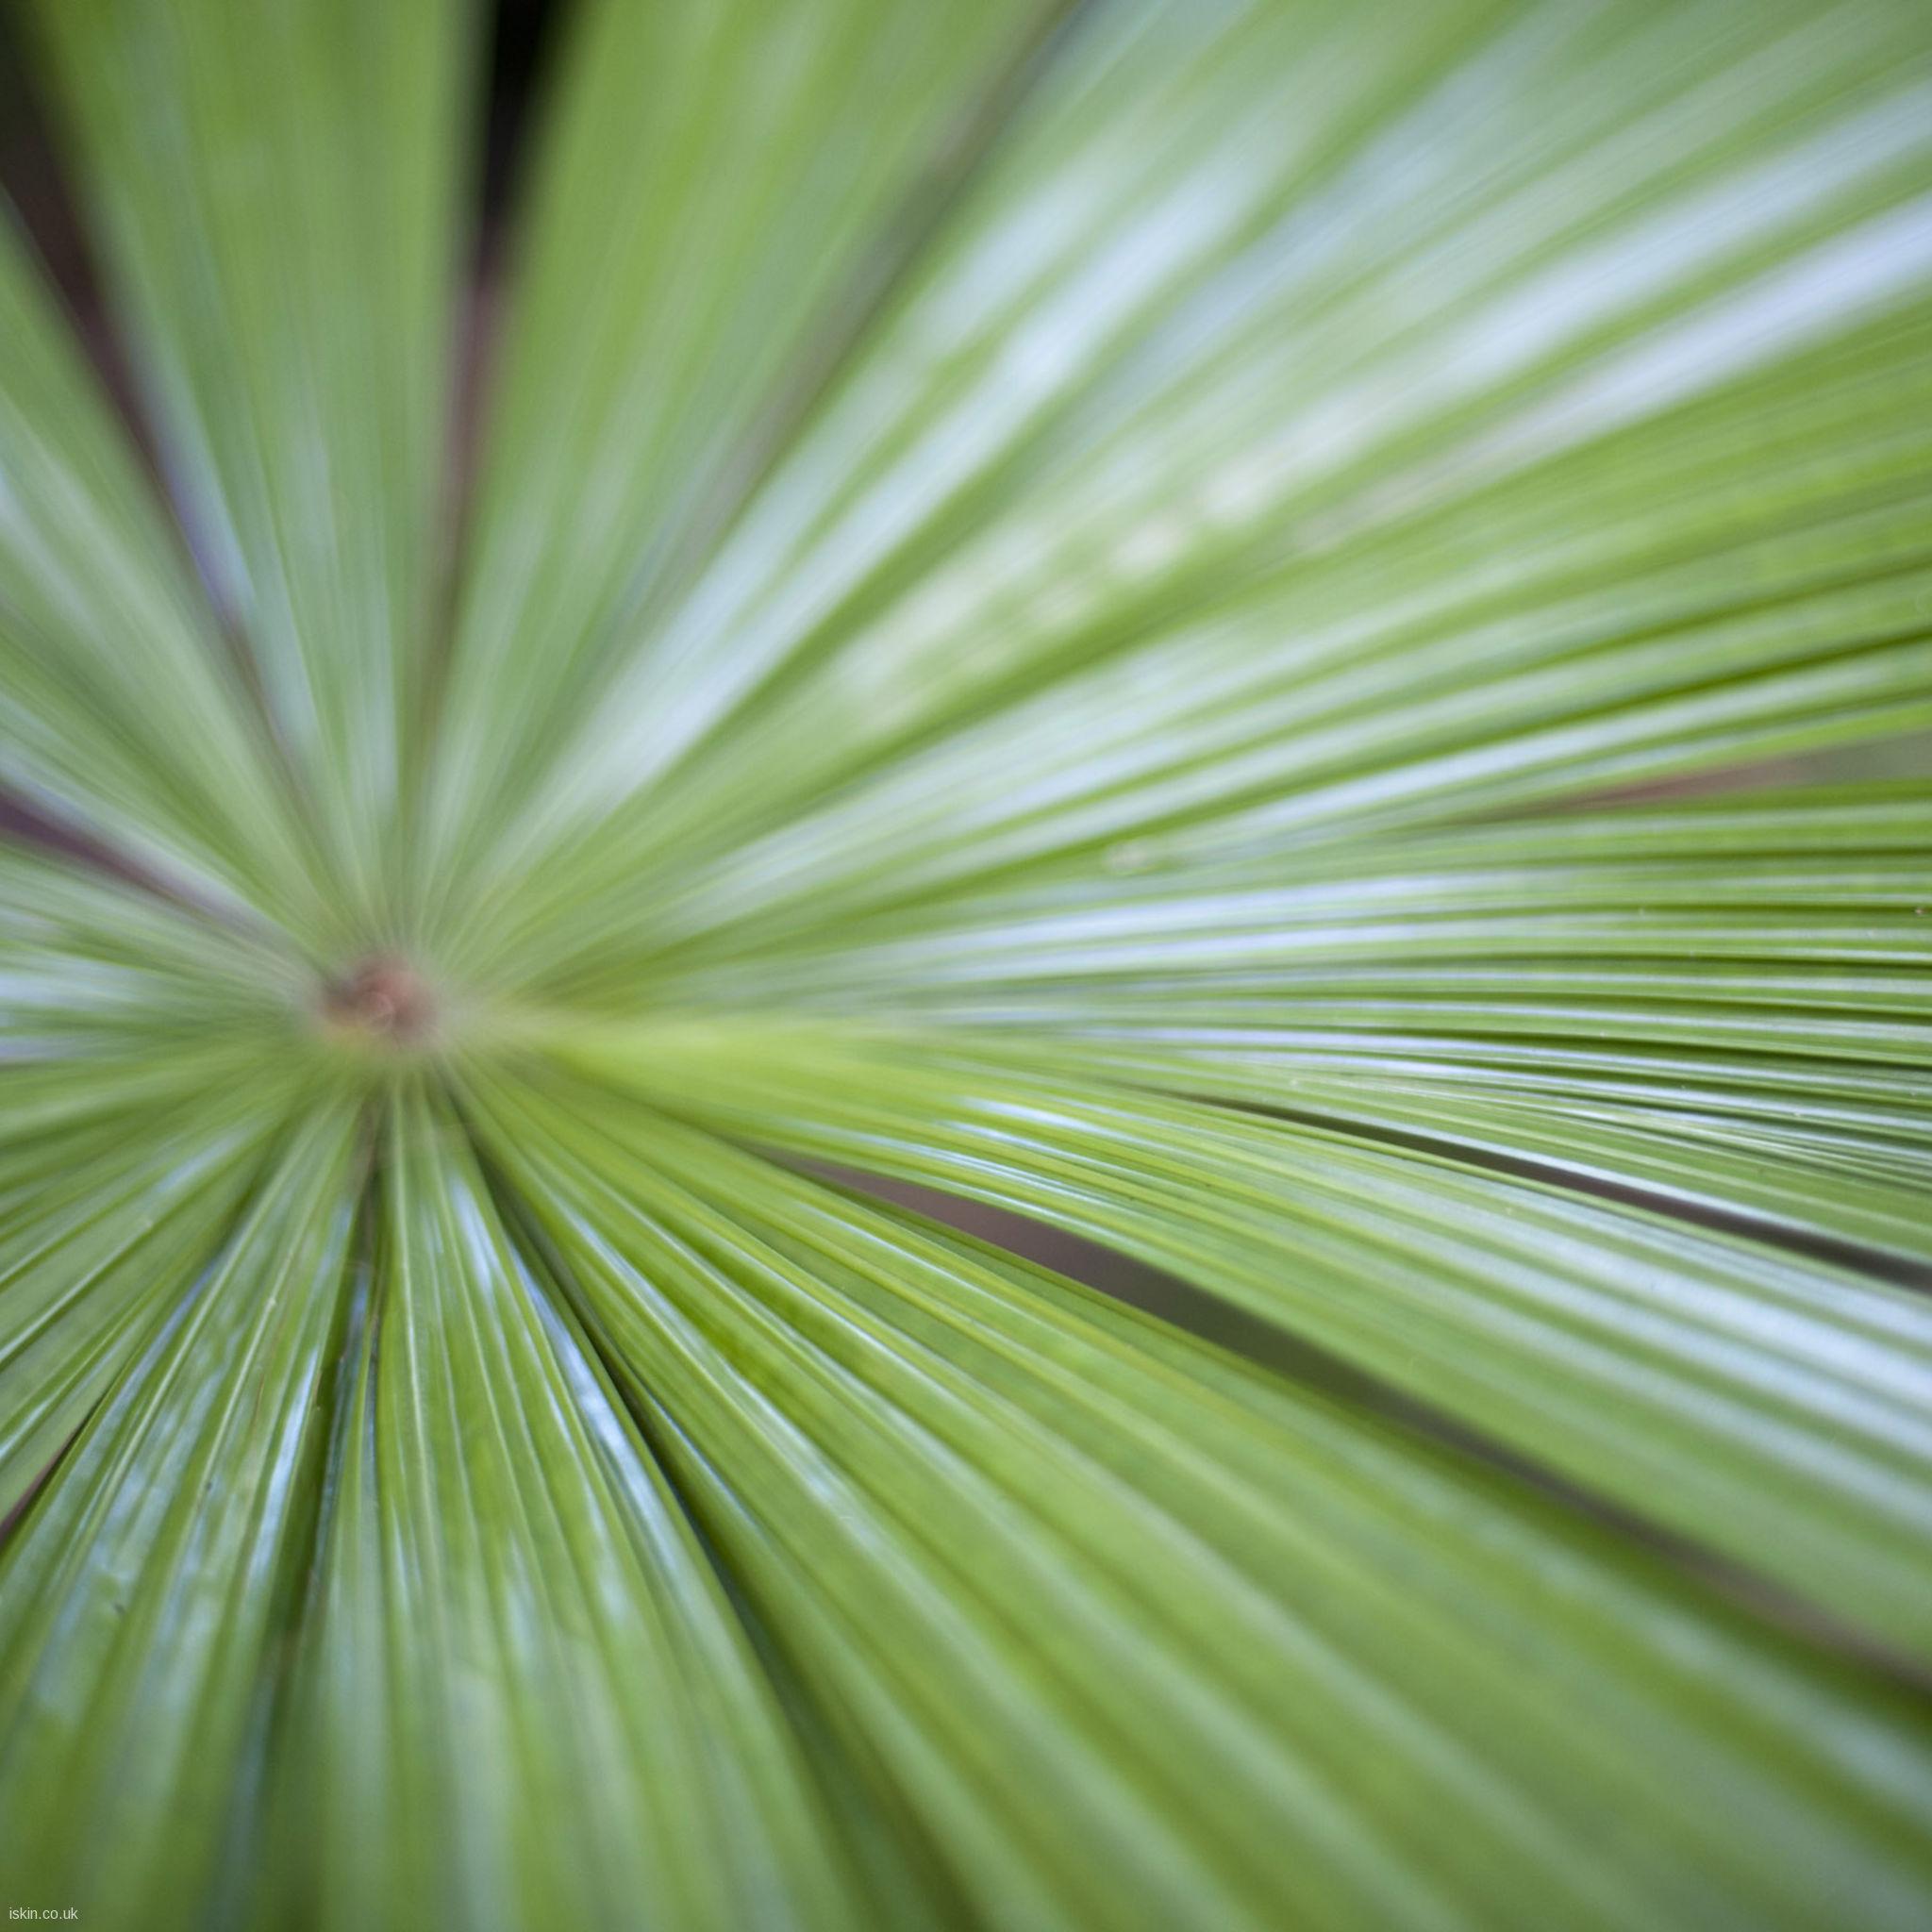 fan palm leaf Desktop Wallpaper iskincouk 2048x2048